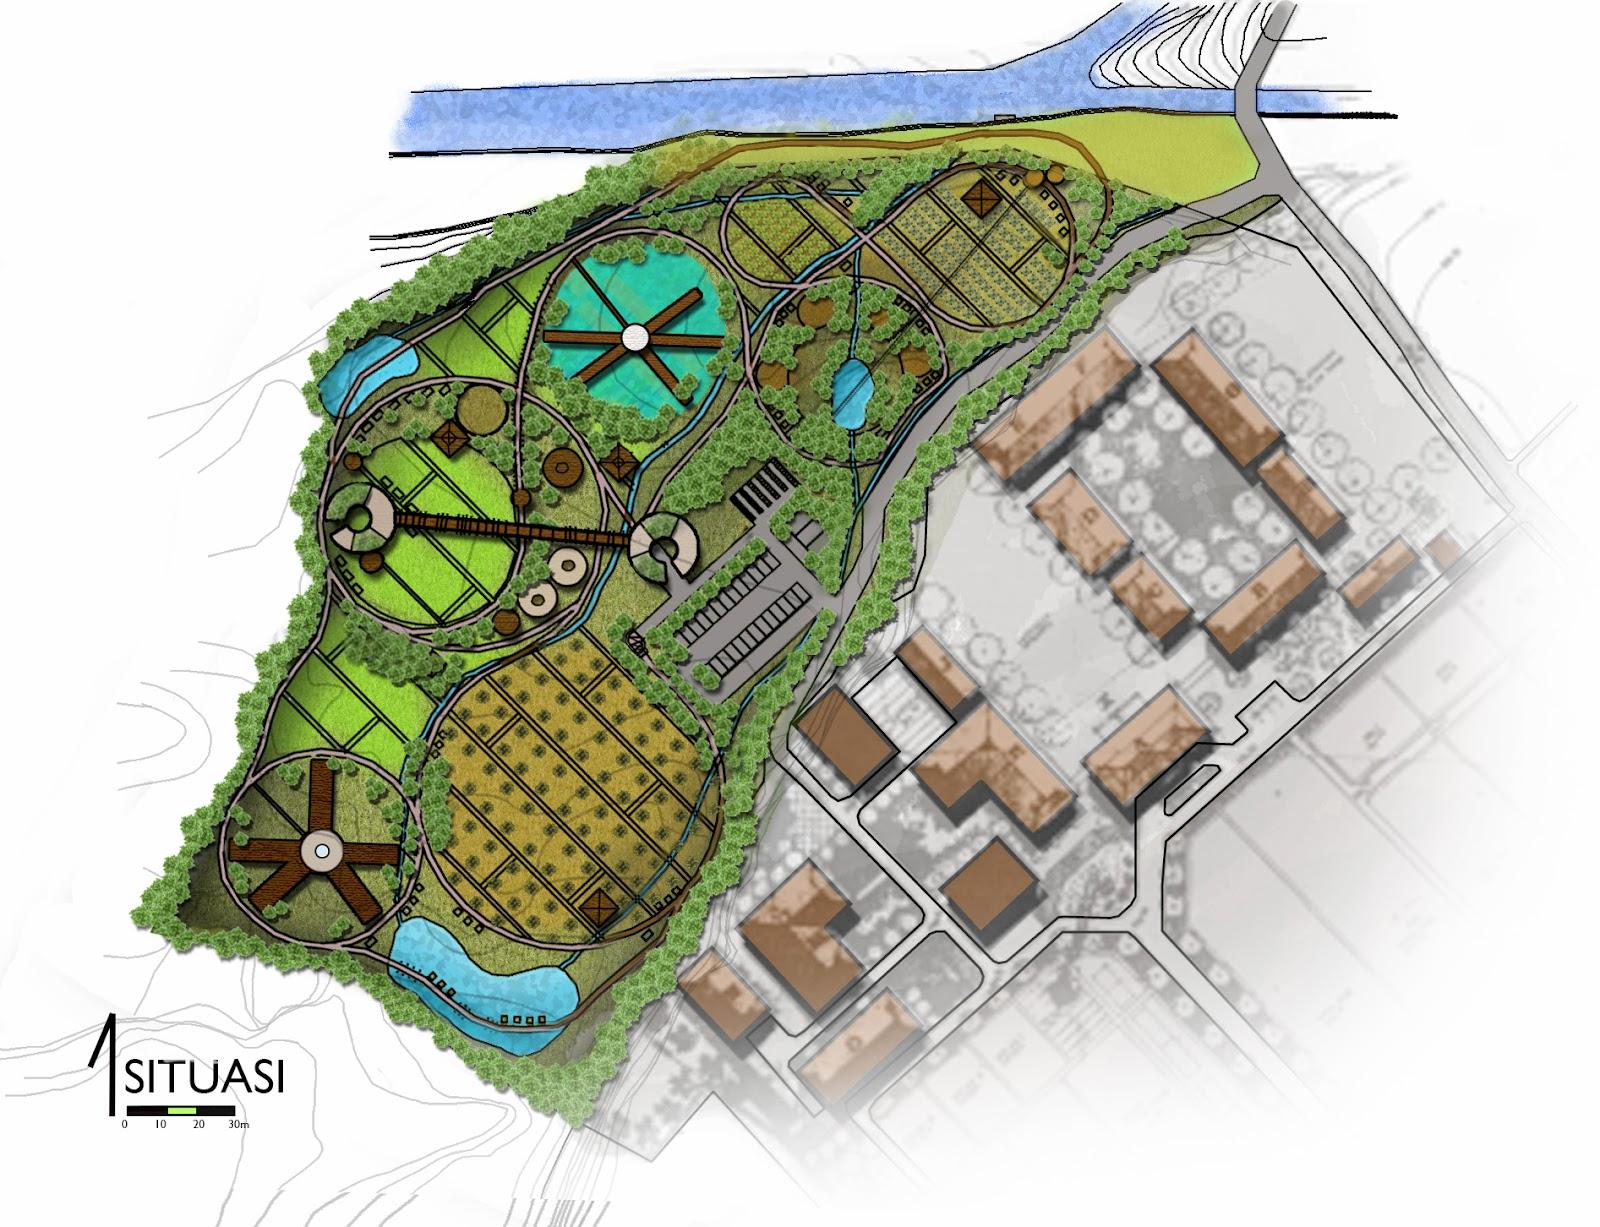 Inspirasi Desain Taman Tematik 2017